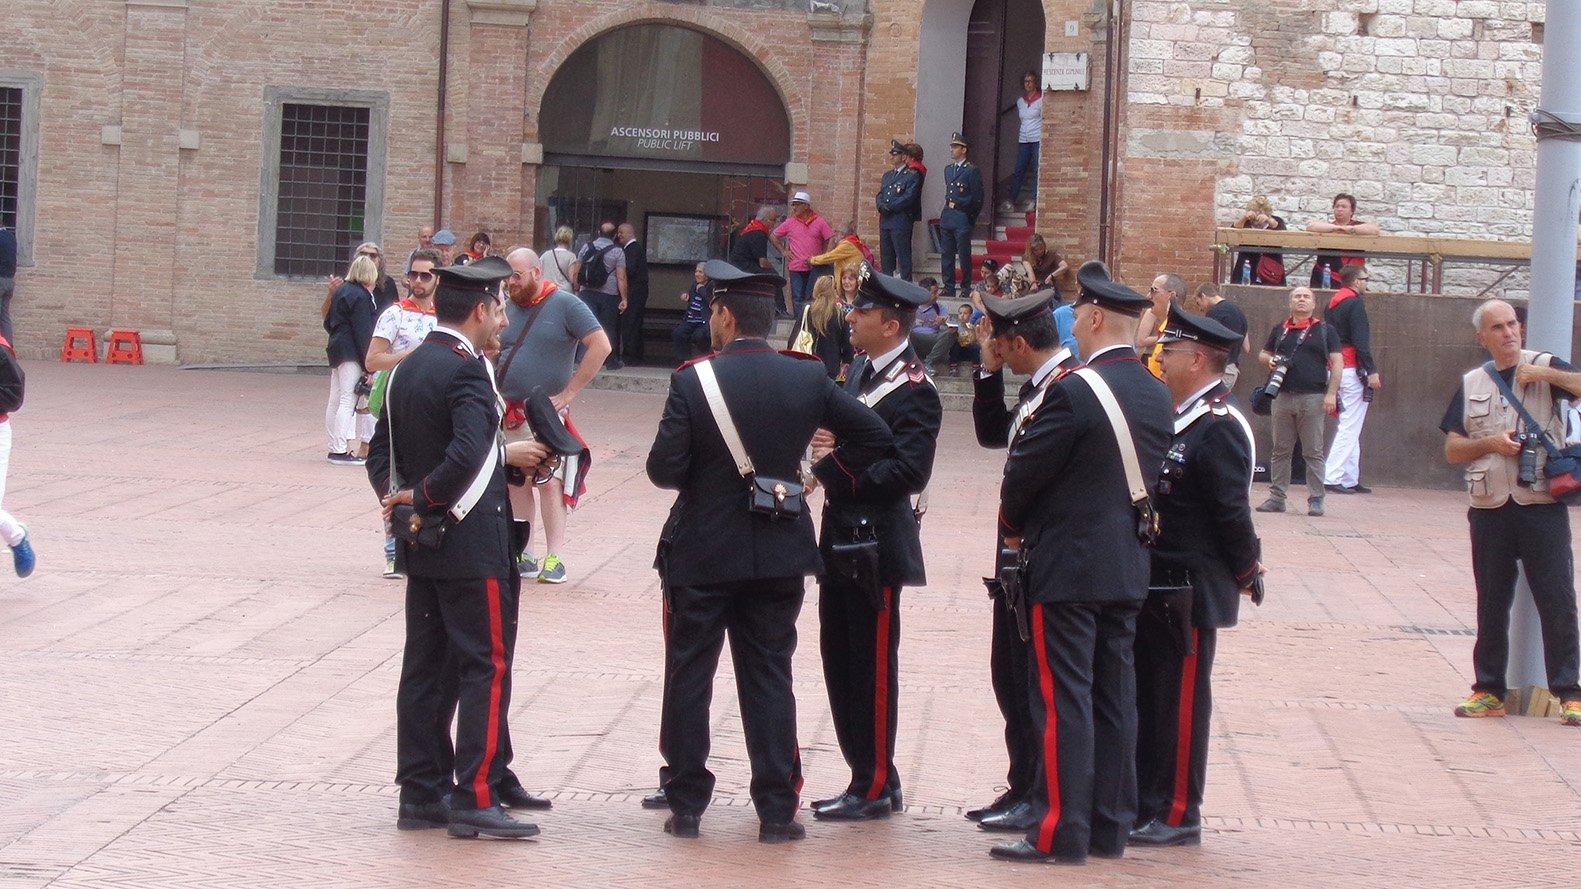 Gubbio on the day of Festa dei Ceri